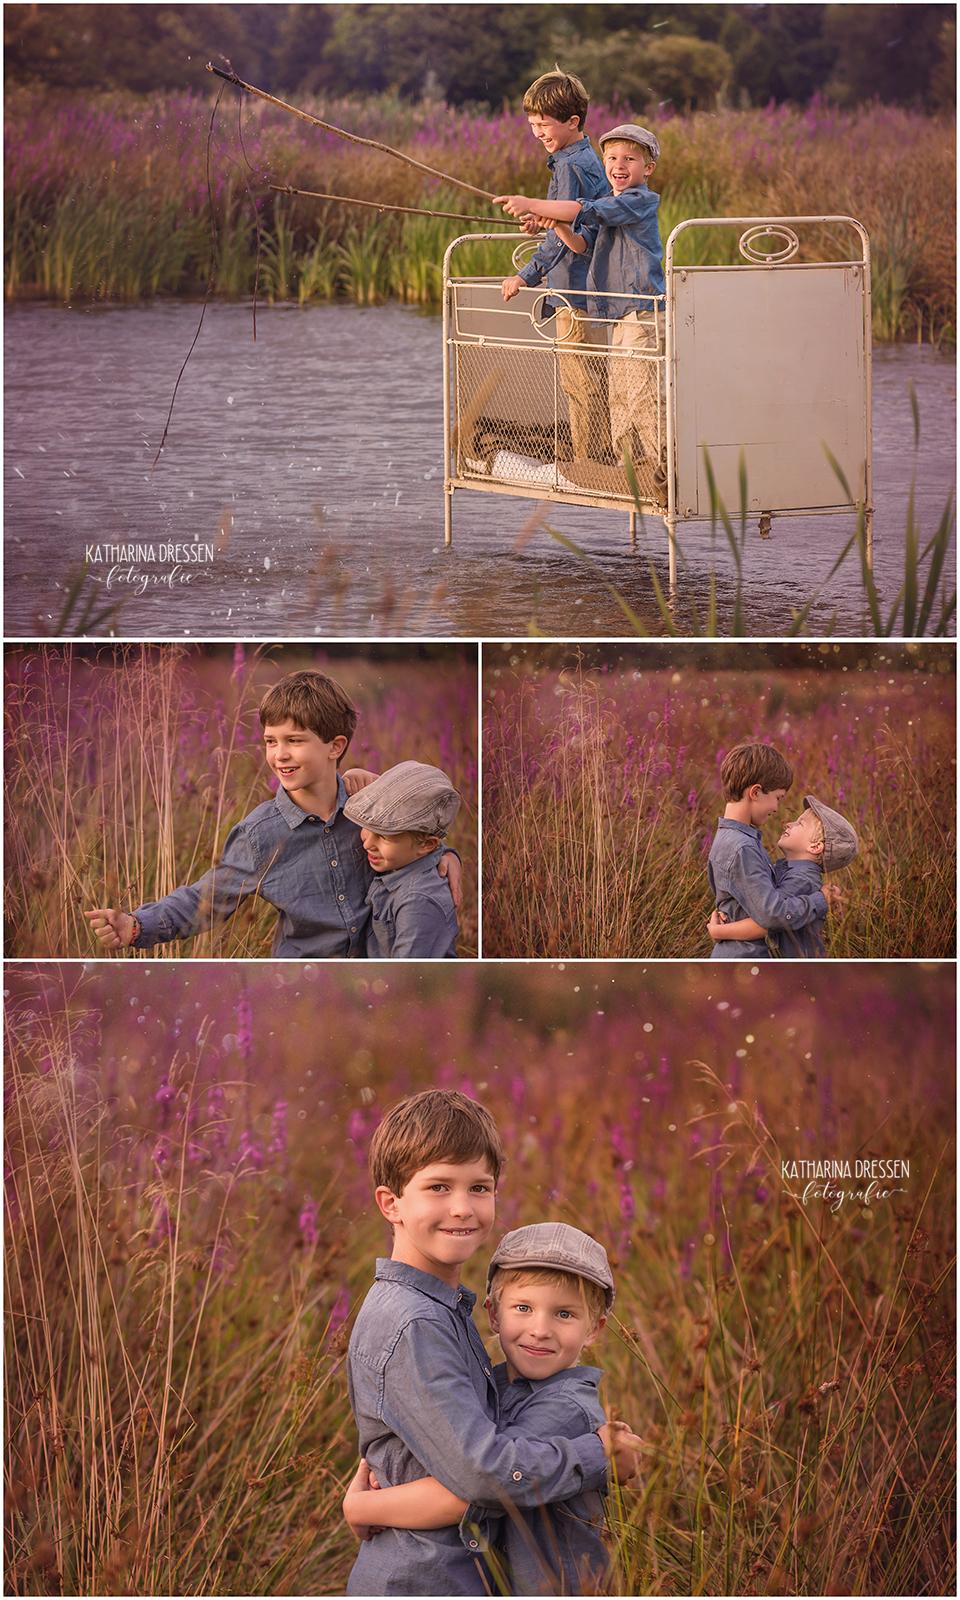 2_Kinderfotoshooting_Kinder-Fotoshooting_Kinderfotograf_Moenchengladach_natuerliche_Kinderbilder_Familienbilder_Duesseldorf_Fotograf_Koeln_Fotos_mit_Kindern_Natur